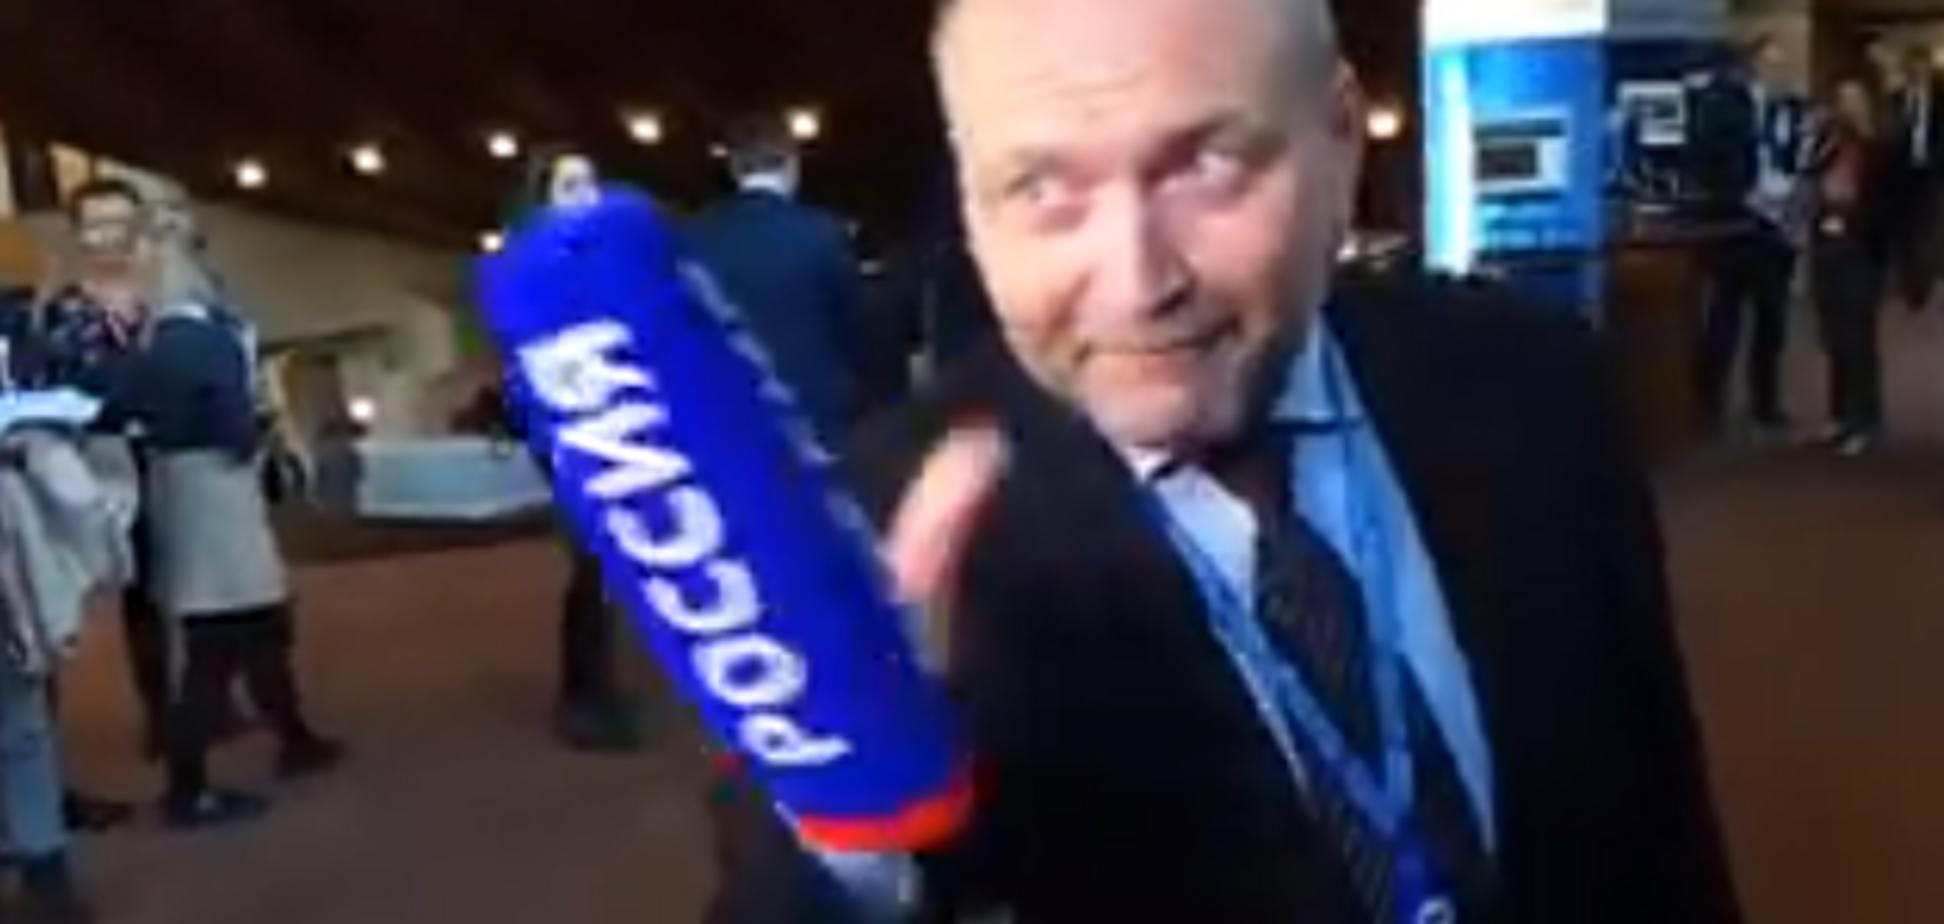 Побажав перемоги над Путіним і ''розбив'' мікрофон: нардеп принизив російську пропагандистку в прямому ефірі